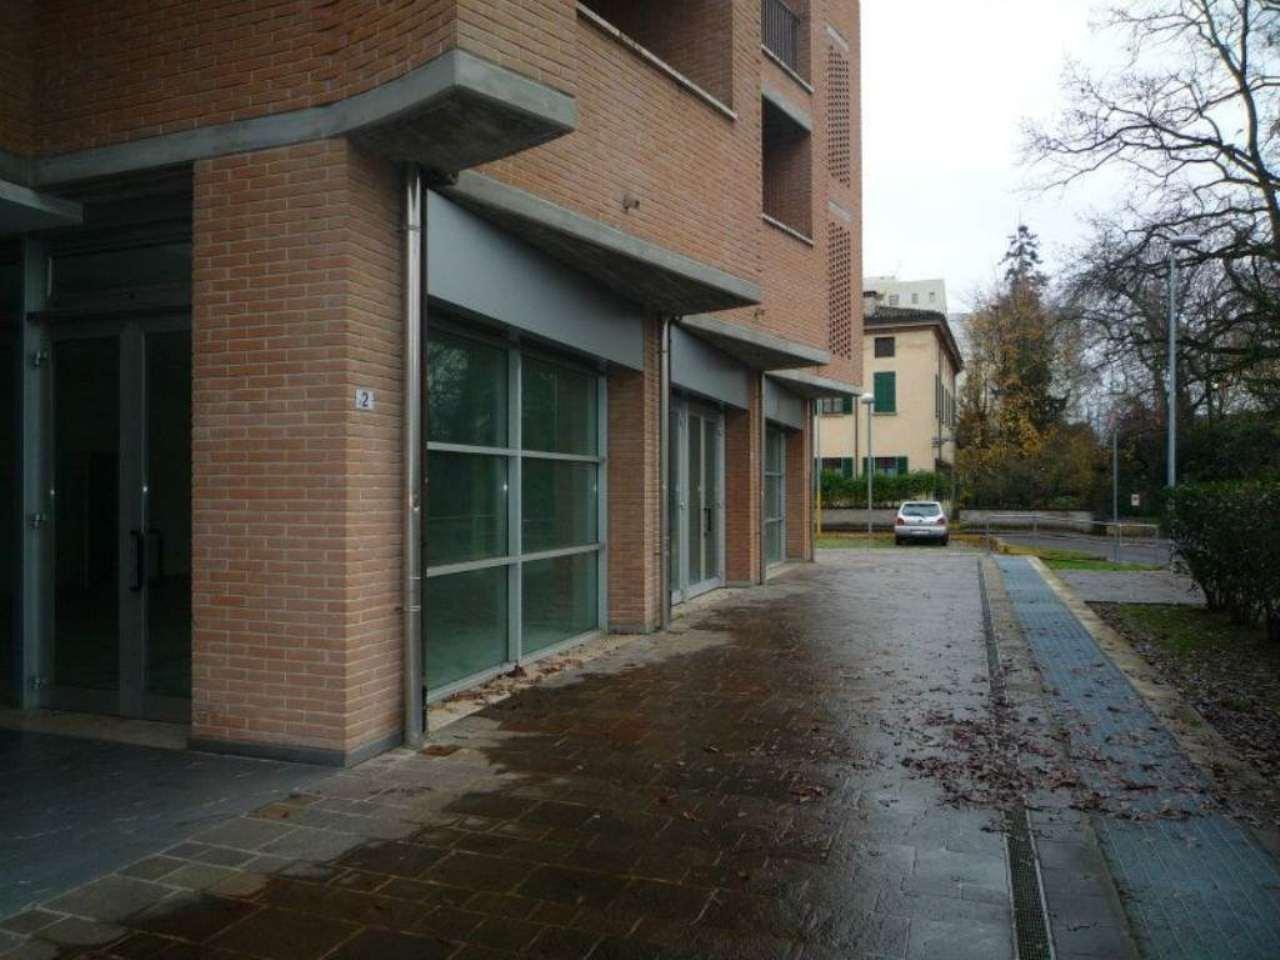 Negozio in affitto a Parma in Via Oradour